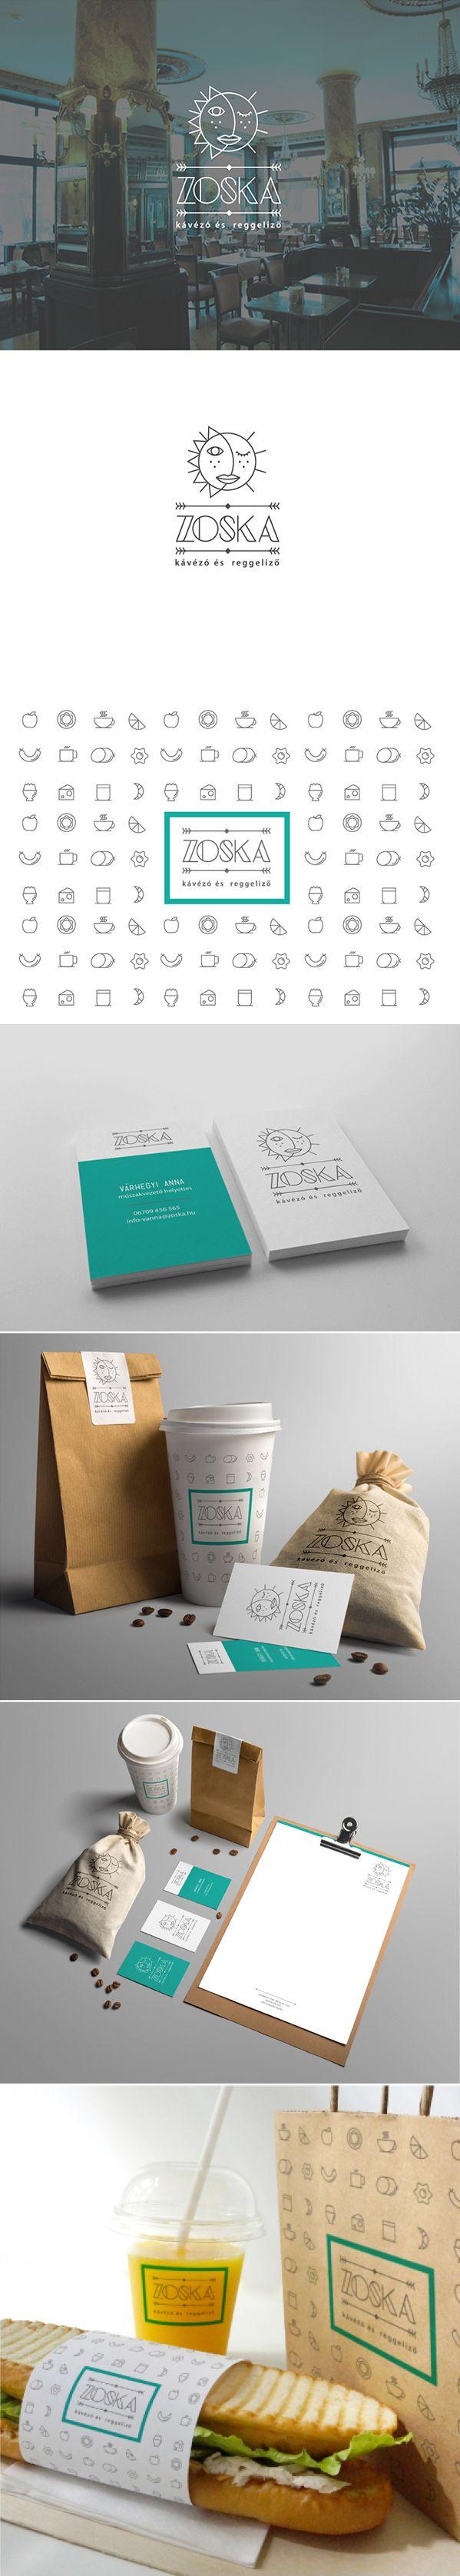 #IDENTITYDESIGN https://www.behance.net/gallery/17704647/Zoska-Coffe-Branding